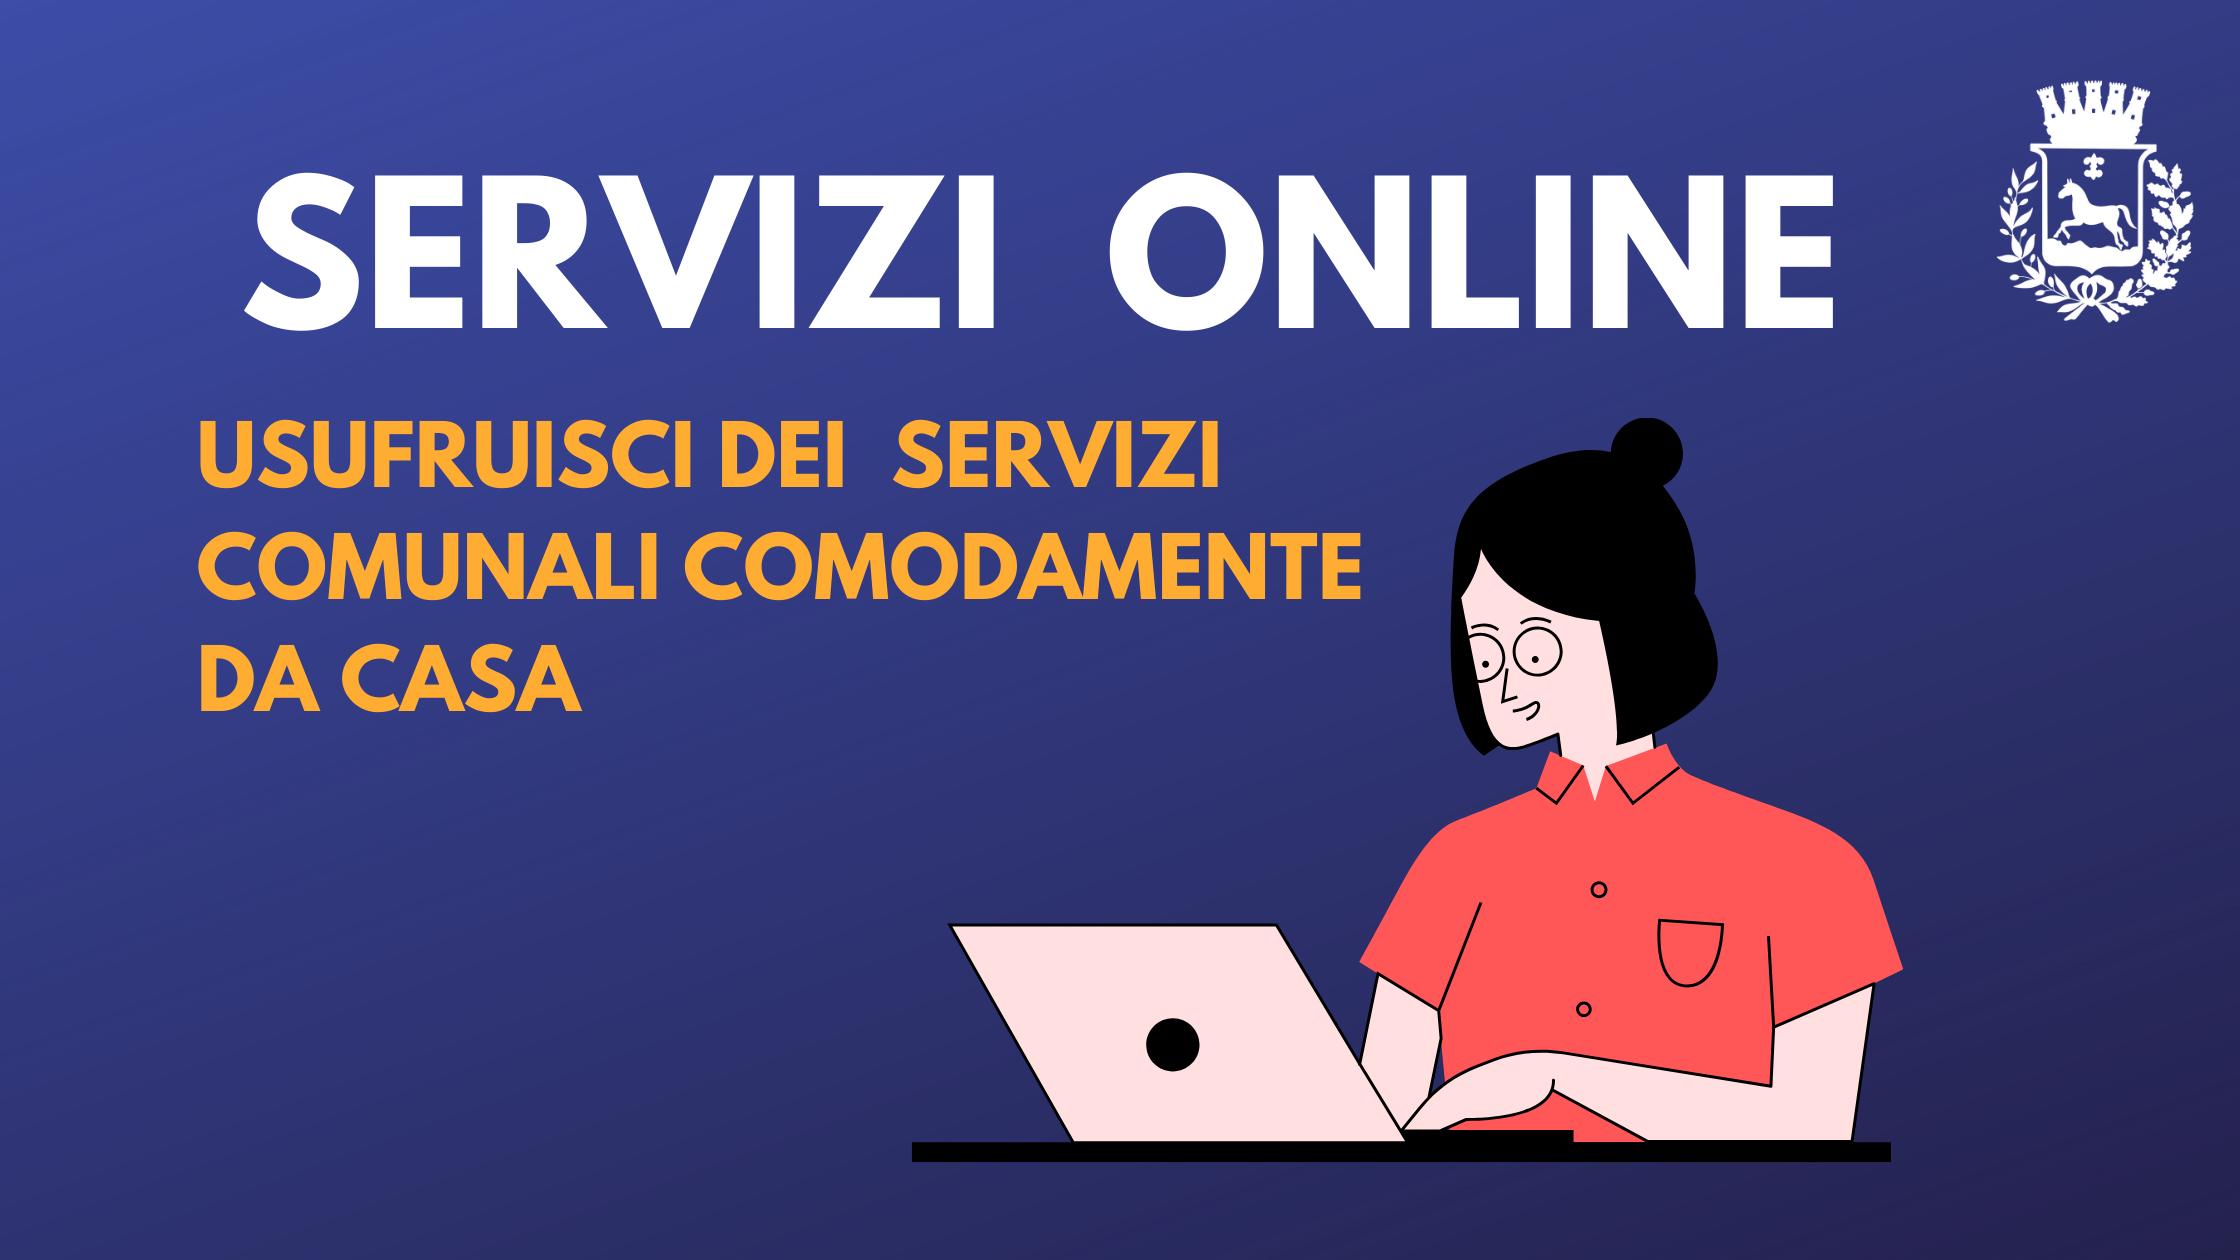 servizi online usufruisci dei seguenti servizi comunali comodamente da casa